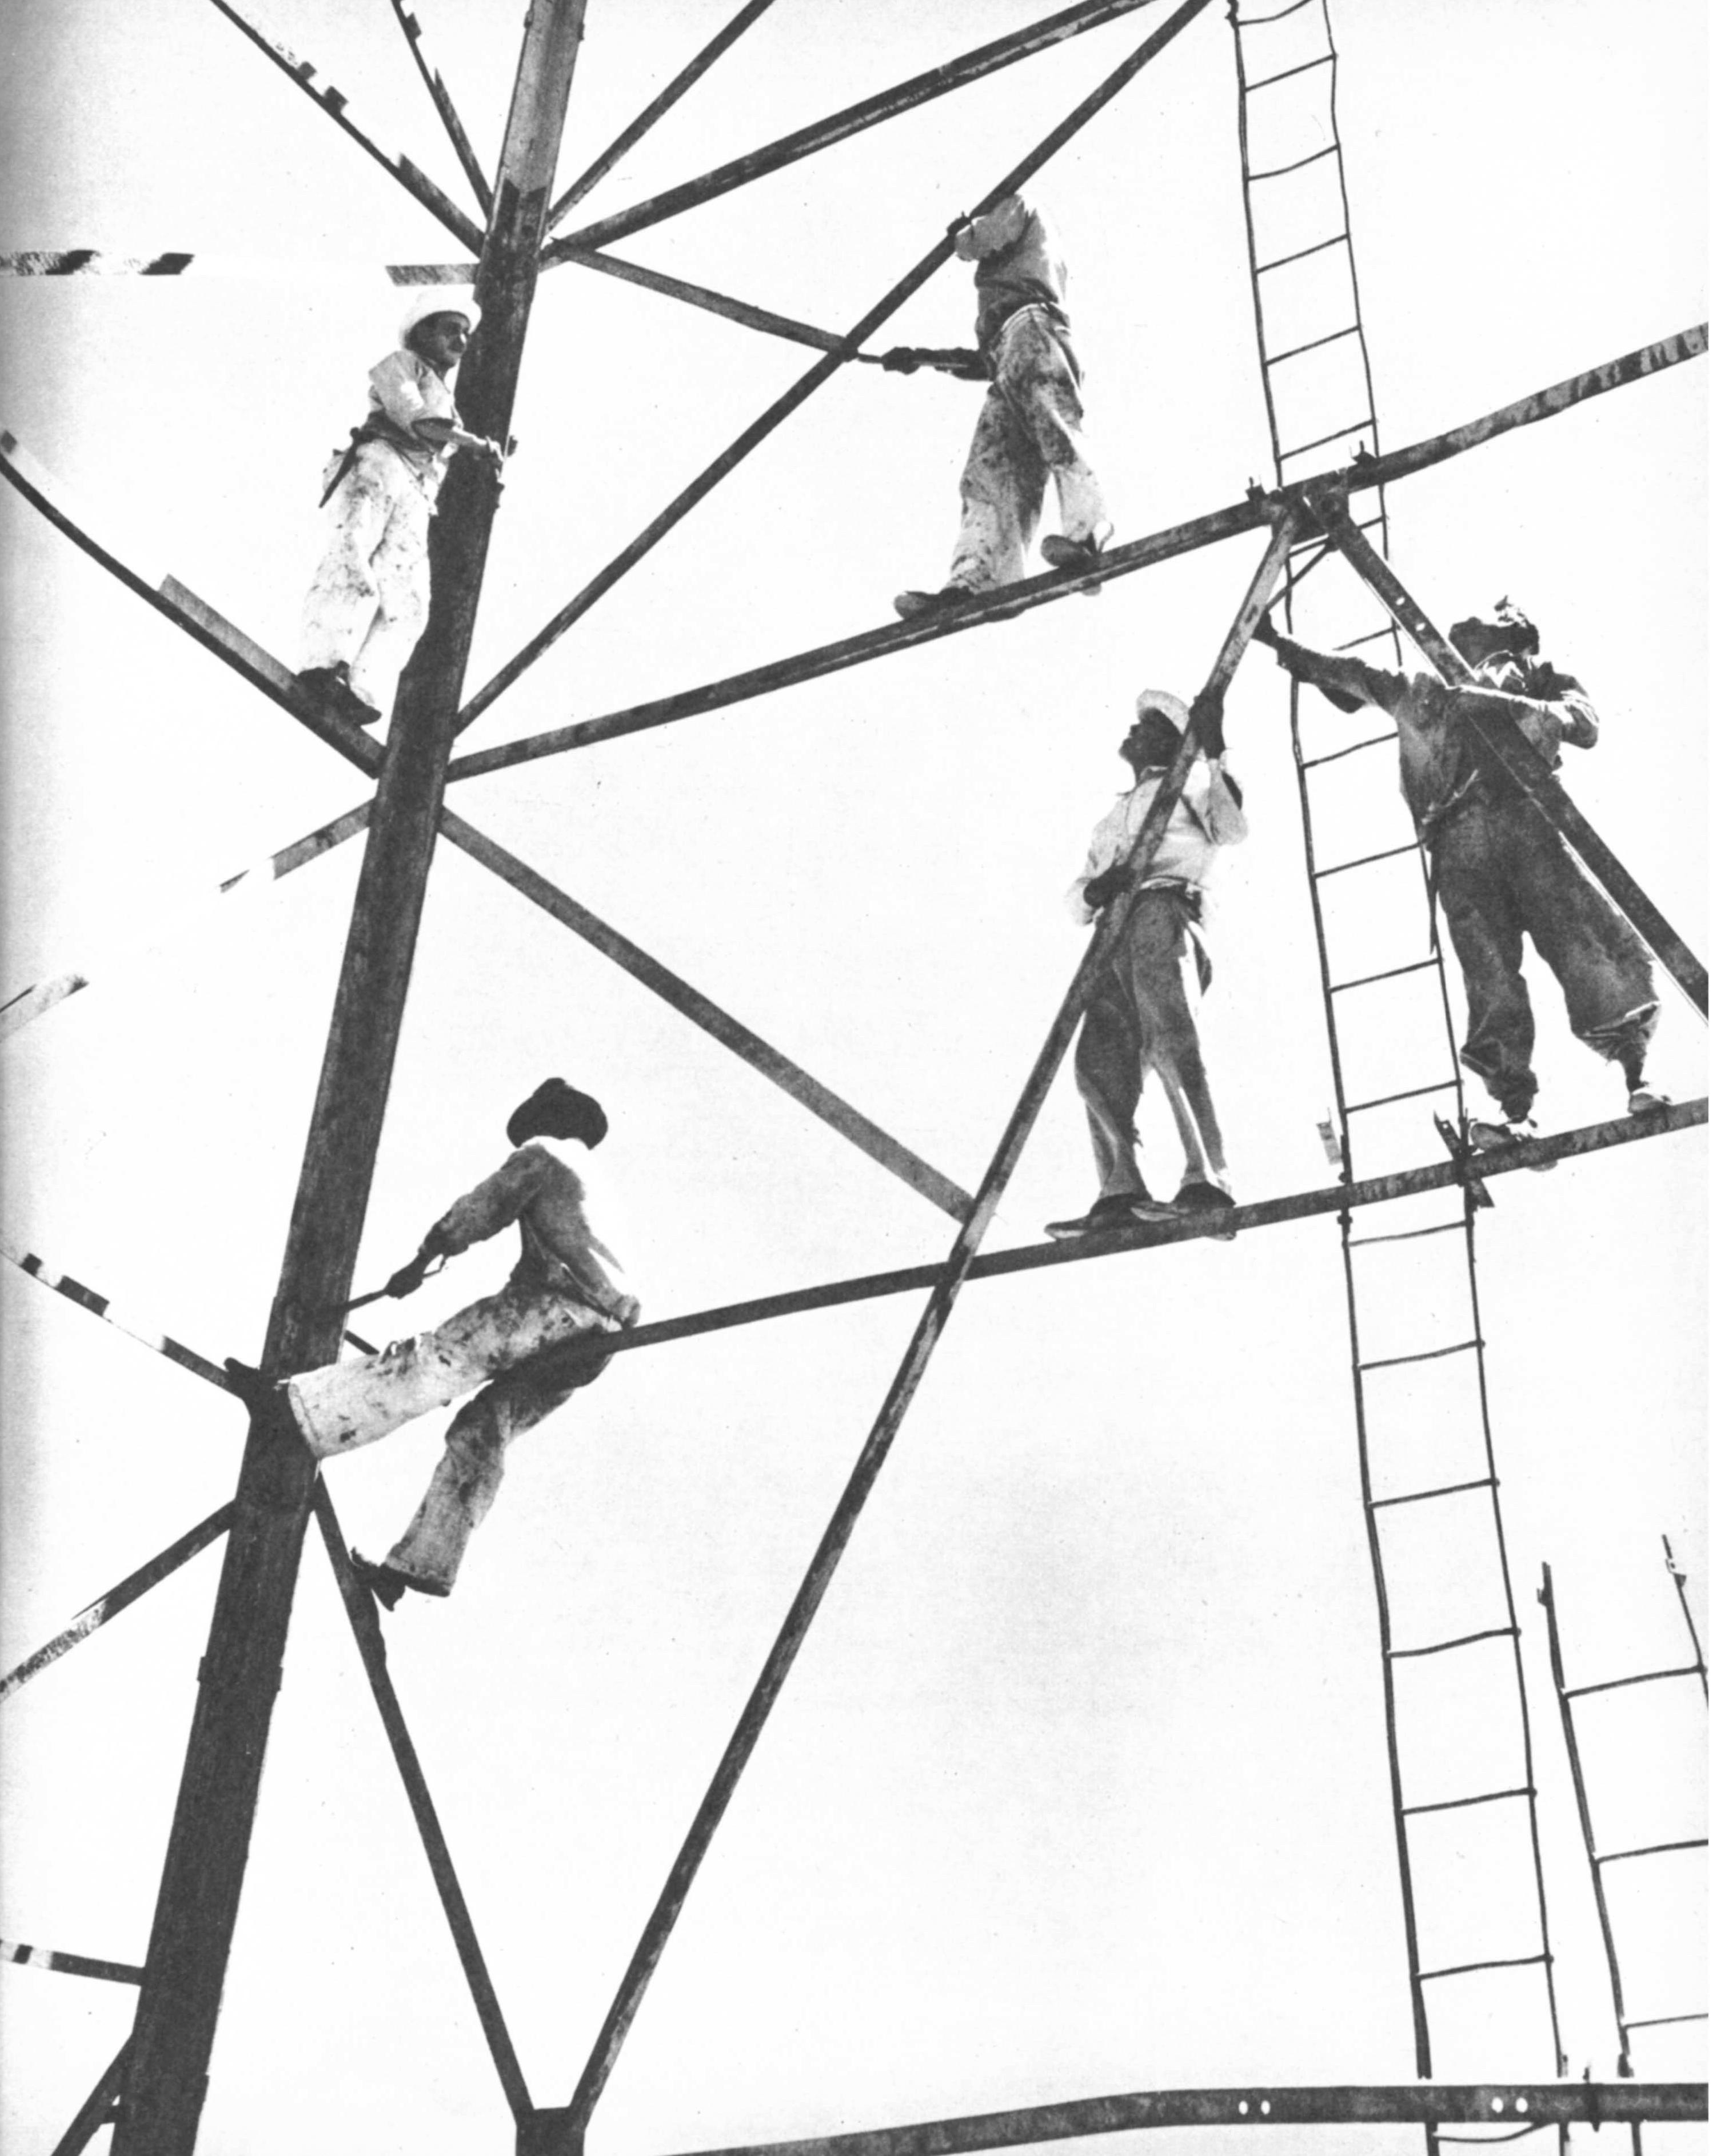 Derrick construction in Venezuela.